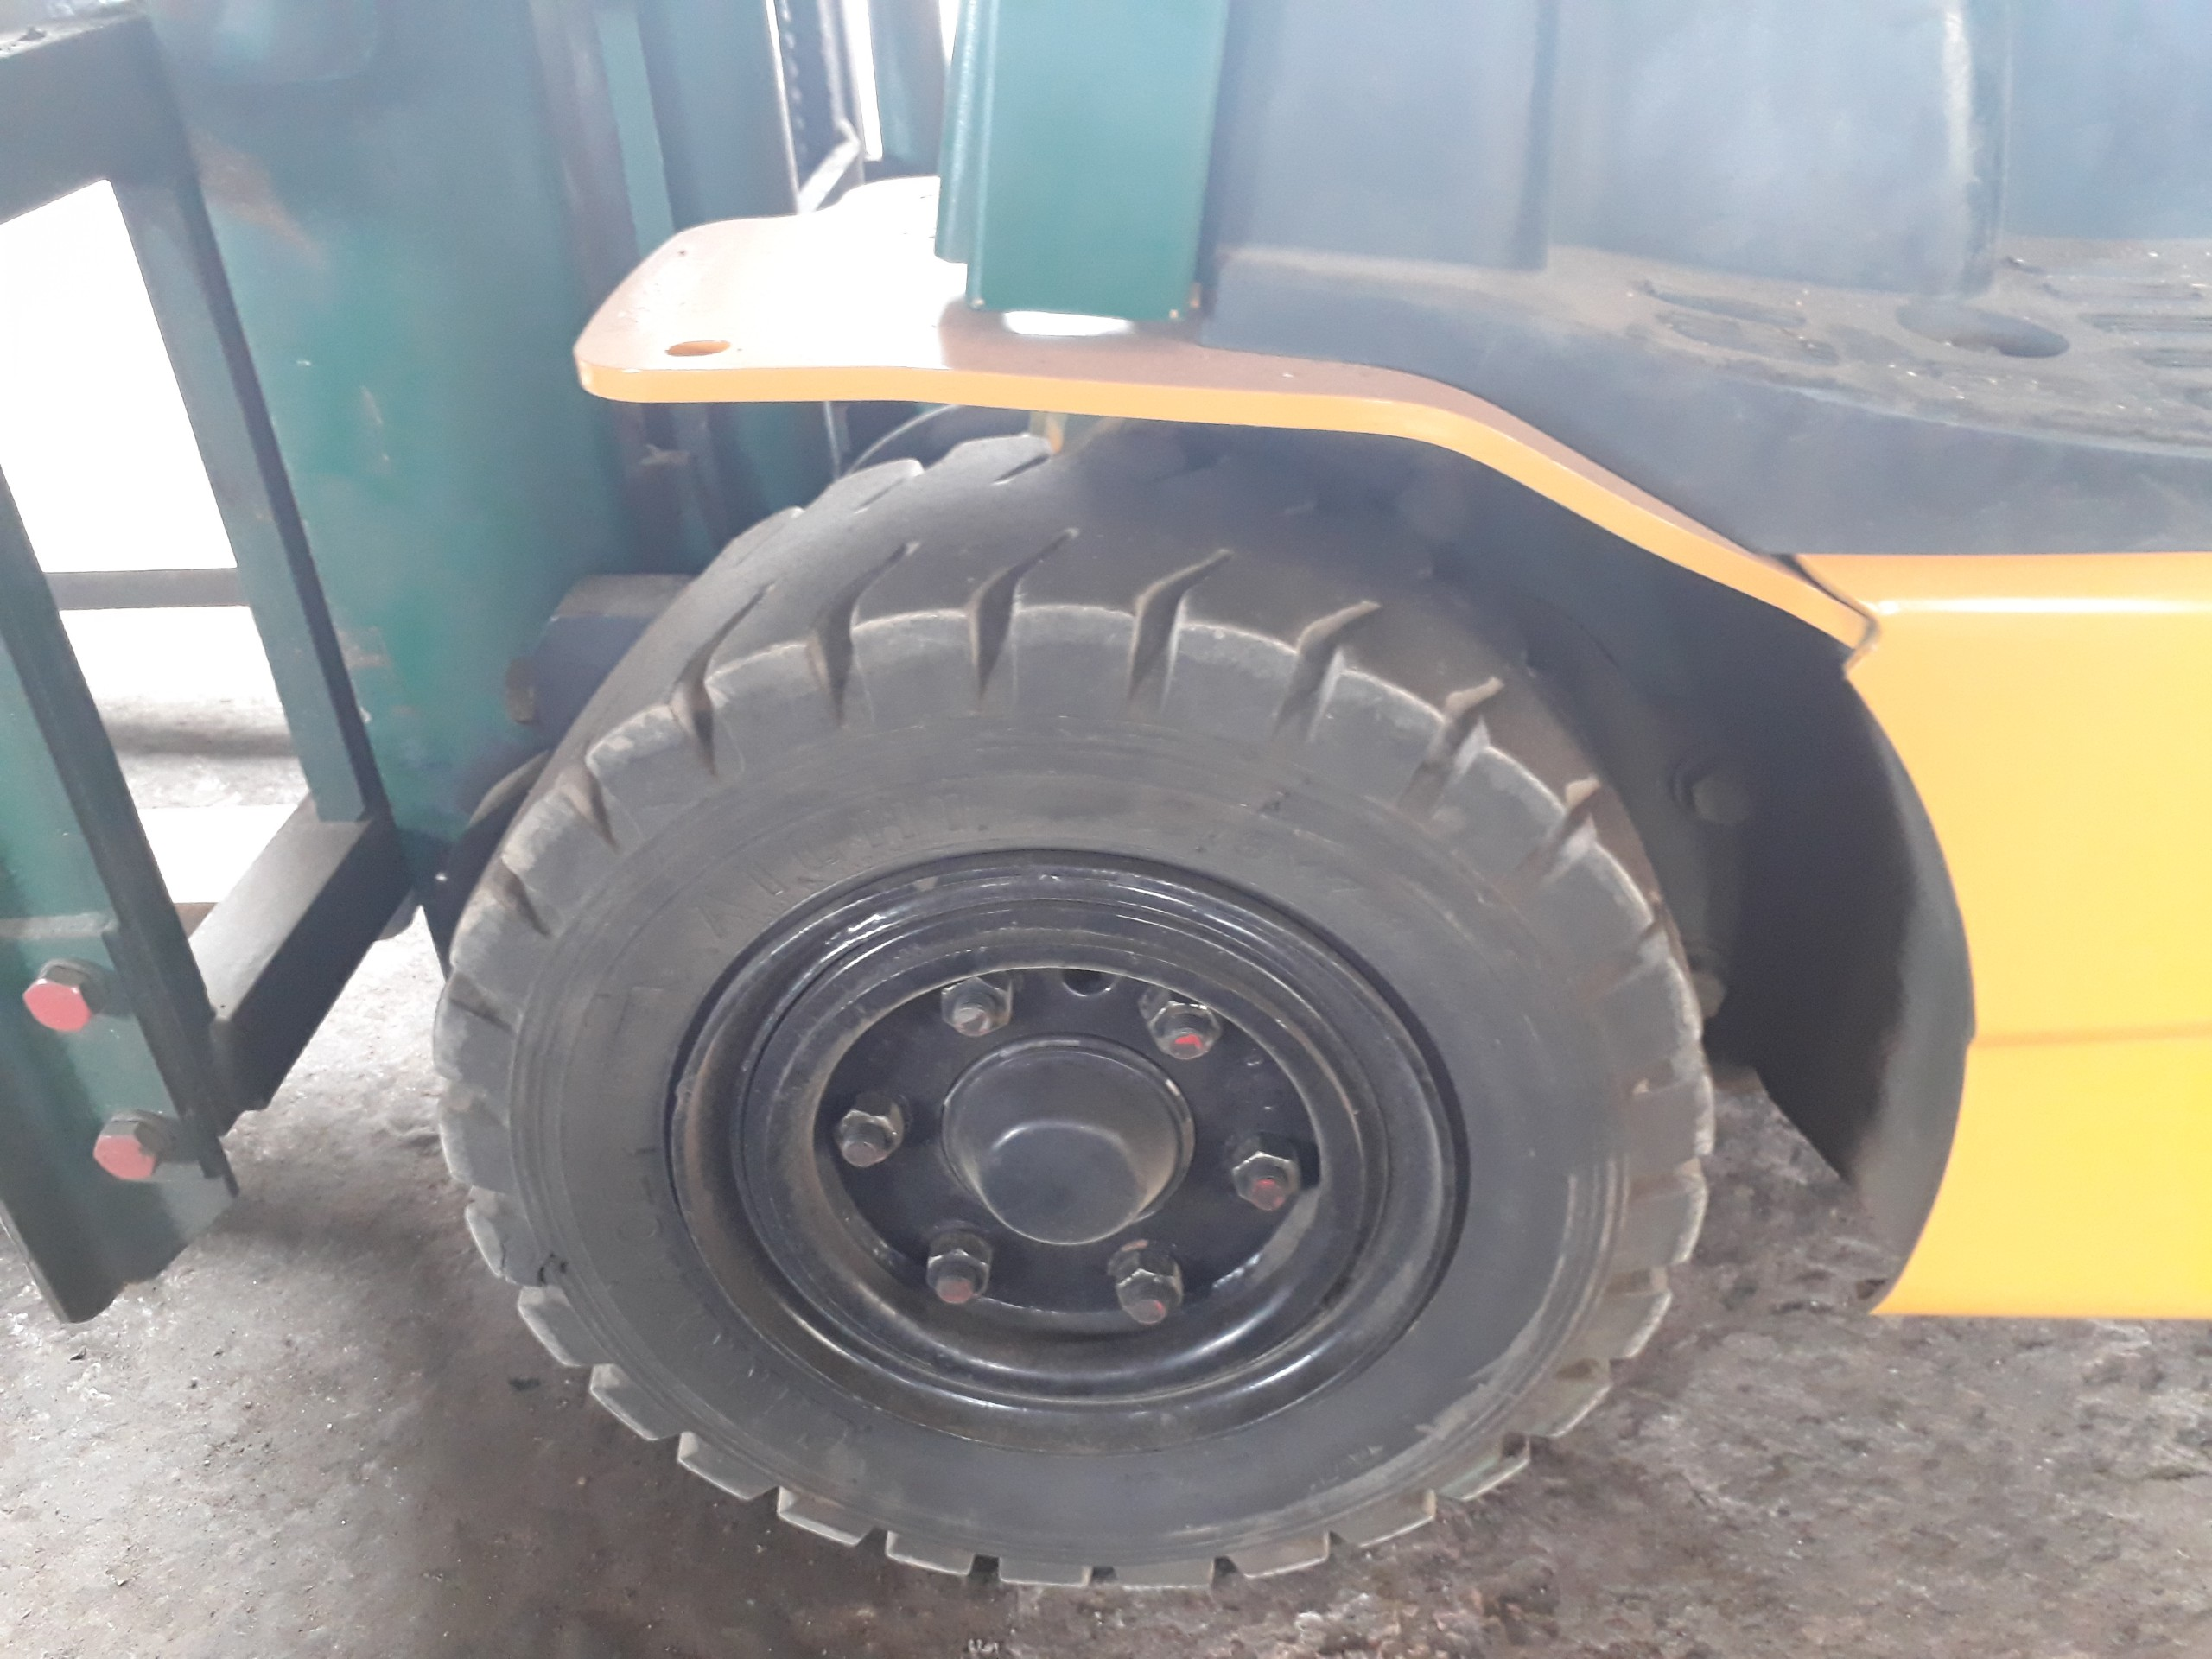 bánh xe Xe nâng điện ngồi lái Komatsu FB15-12, 1.5 tấn, sx 2007